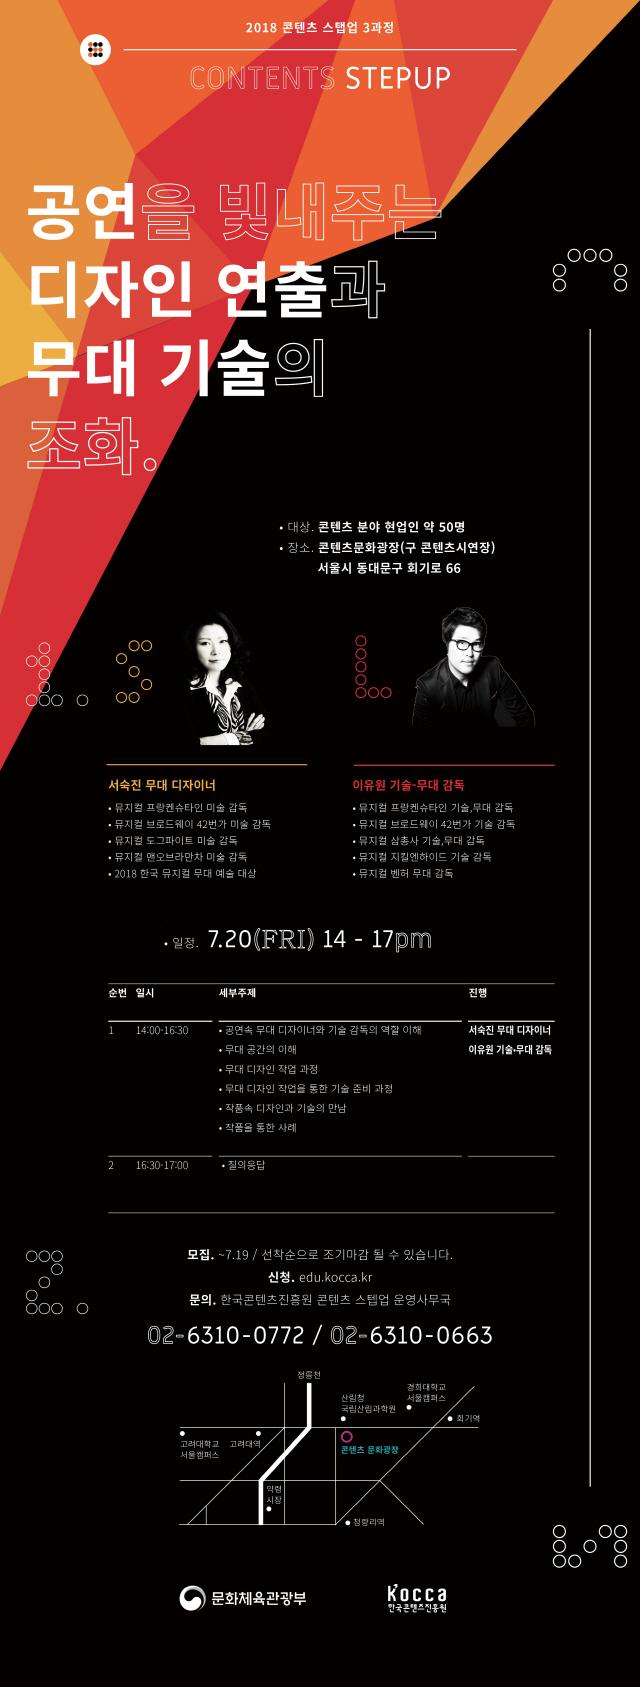 한국콘텐츠진흥원, 콘텐츠 분야 현업인 직무교육 '스텝업' 3차 과정 진행